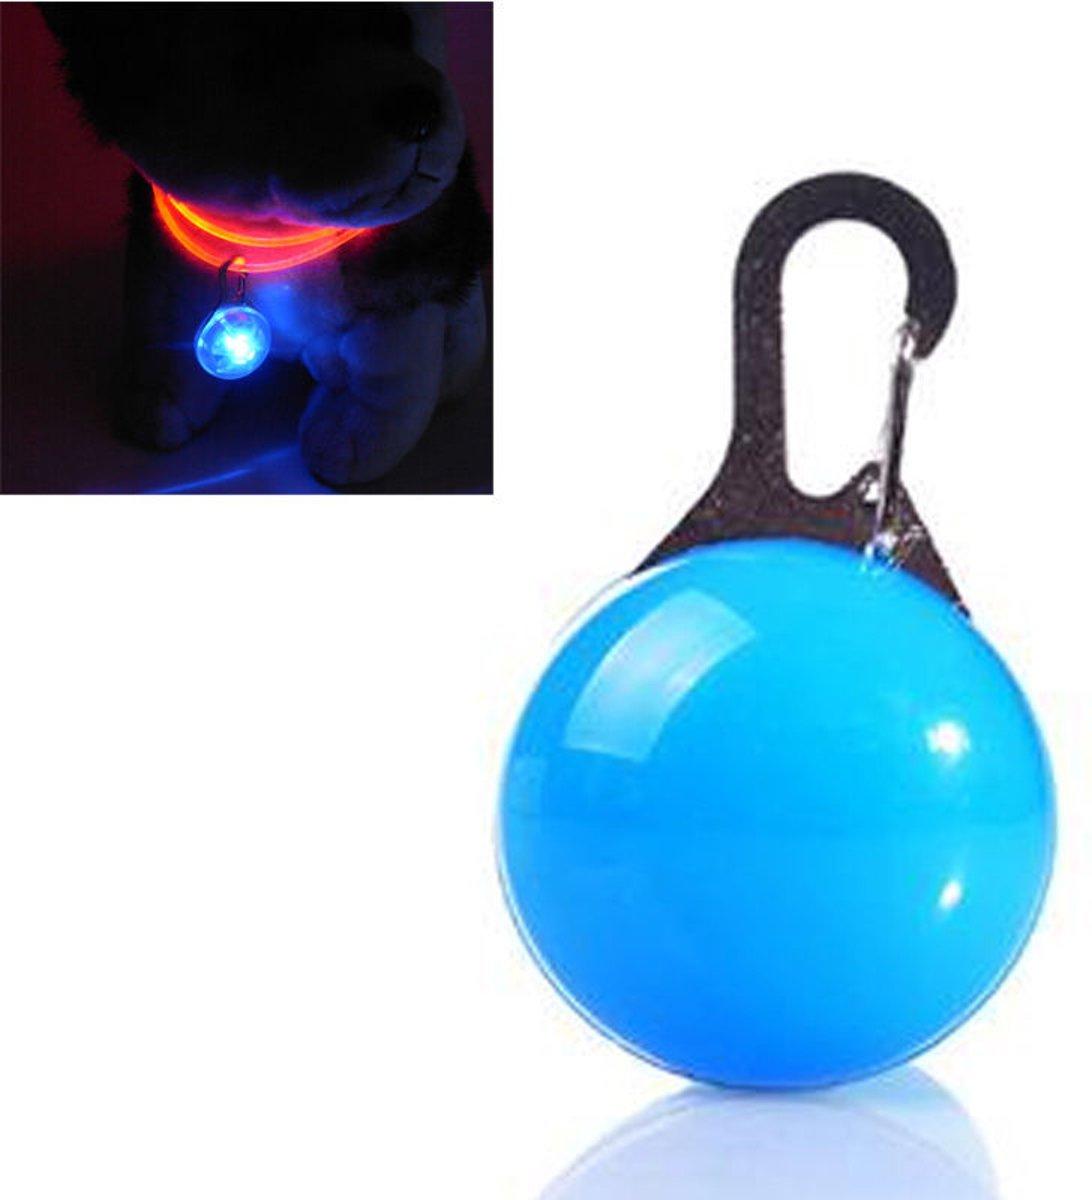 Led honden halsband verlichting - Led lamp hondenriem - licht voor aan de hondenriem - Blauw kopen